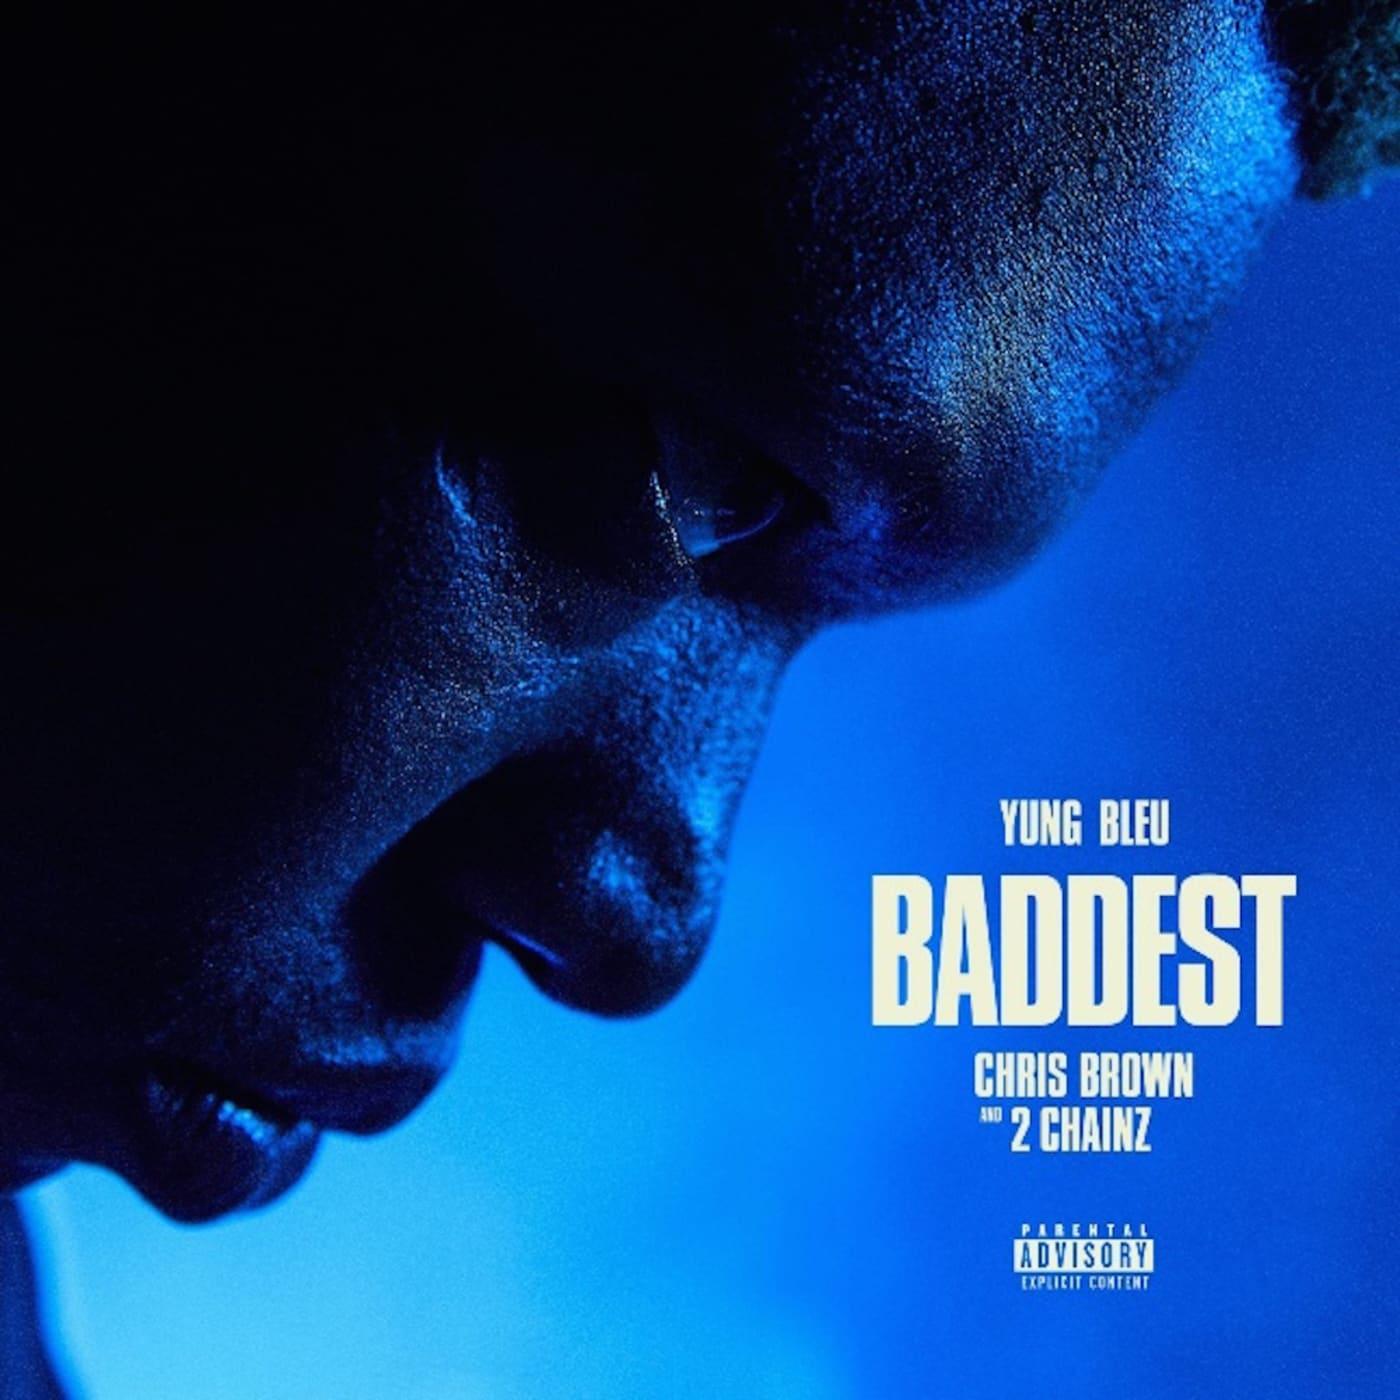 Yung Bleu — Baddest (feat Chris Brown and 2 Chainz)